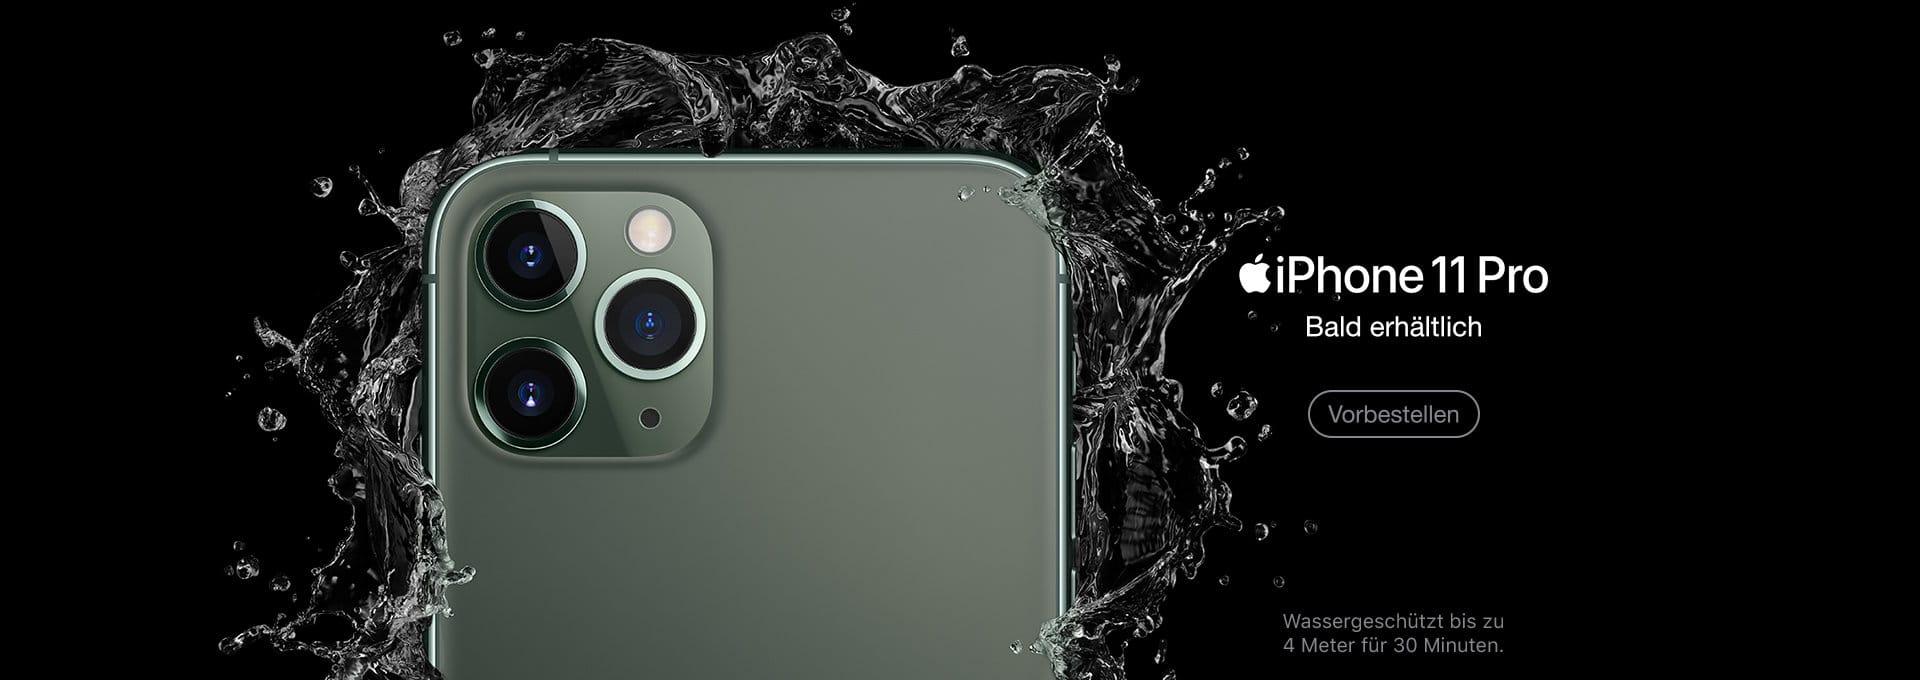 Apple iPhone 11 Pro und Max vorbestellen